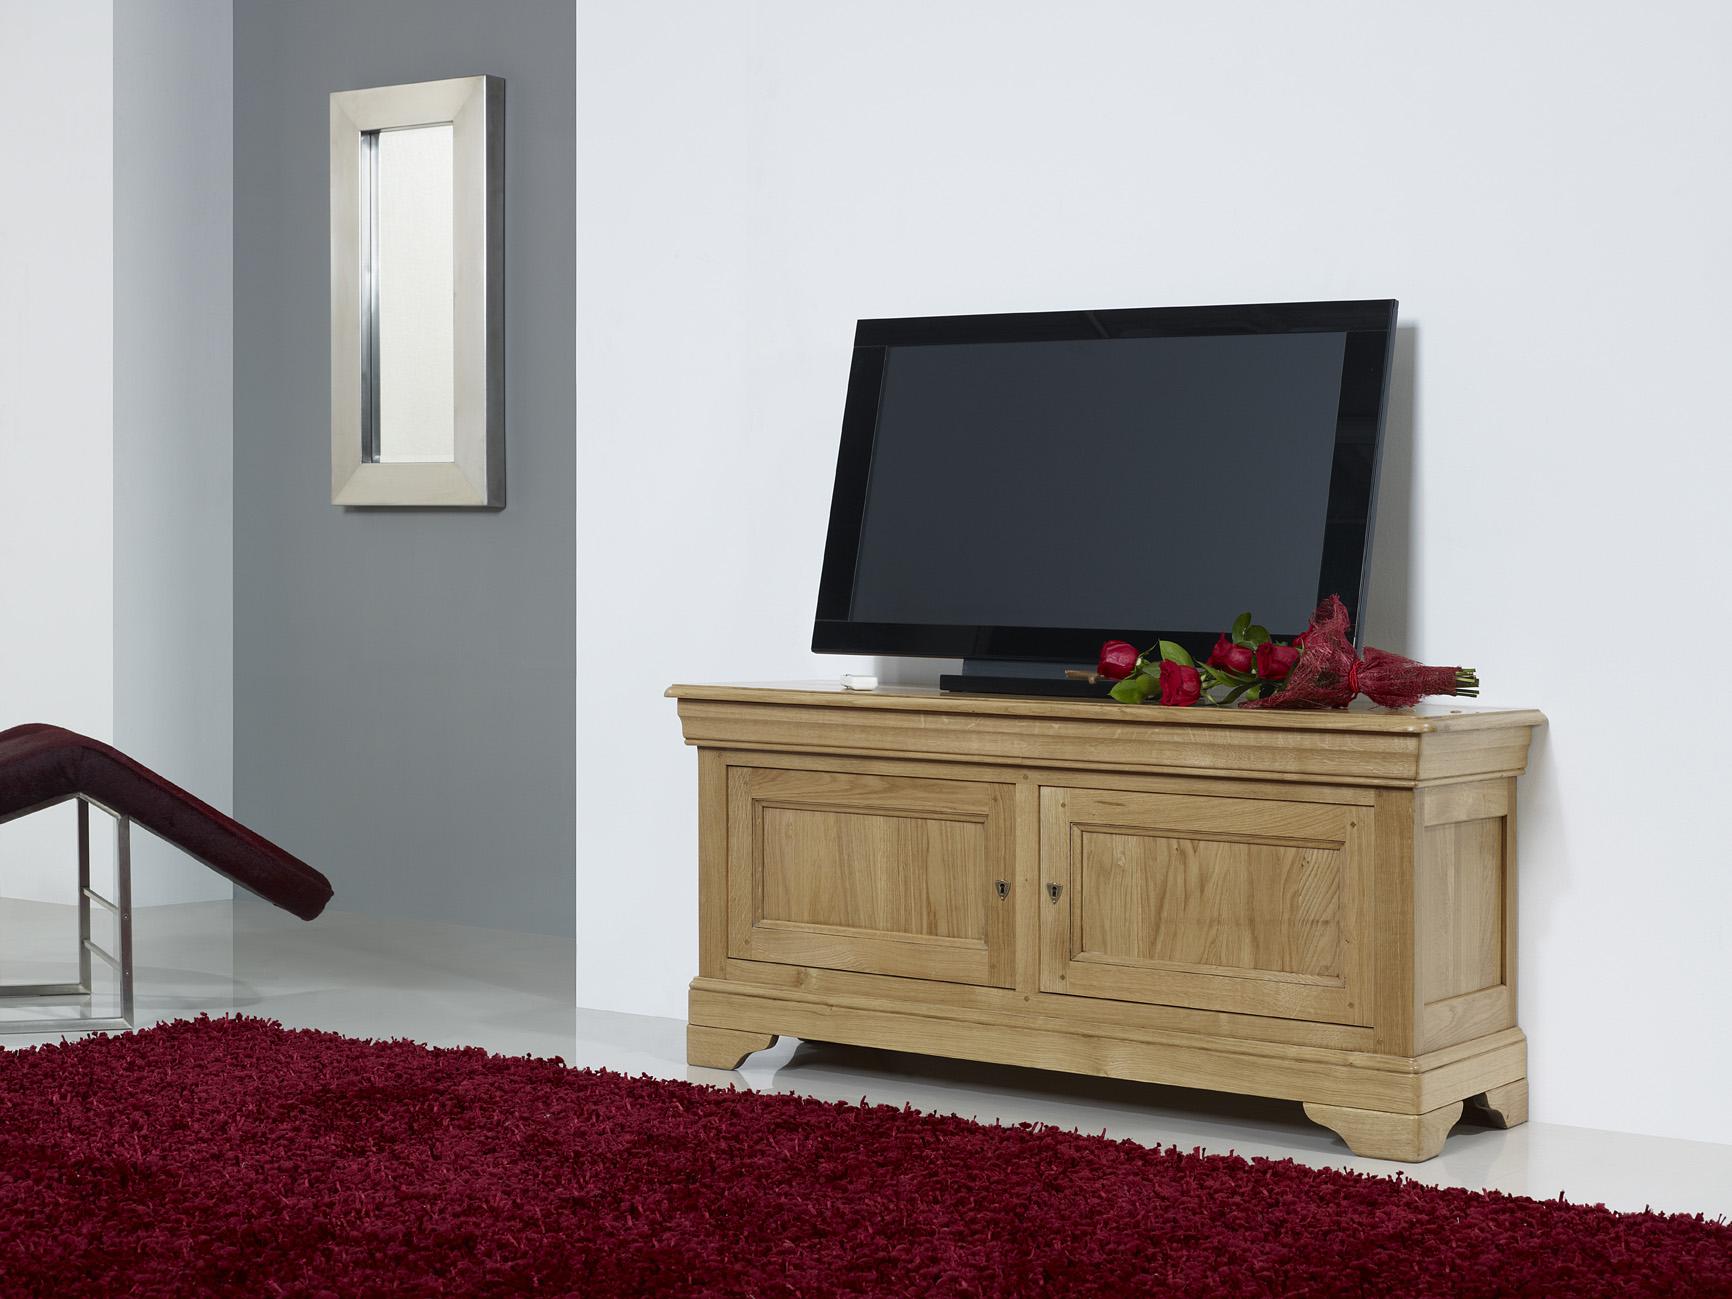 Meuble Tv 16 9 Me Herv En Ch Ne Massif De Style Louis Philippe  # Meuble Salon En Bois Massif